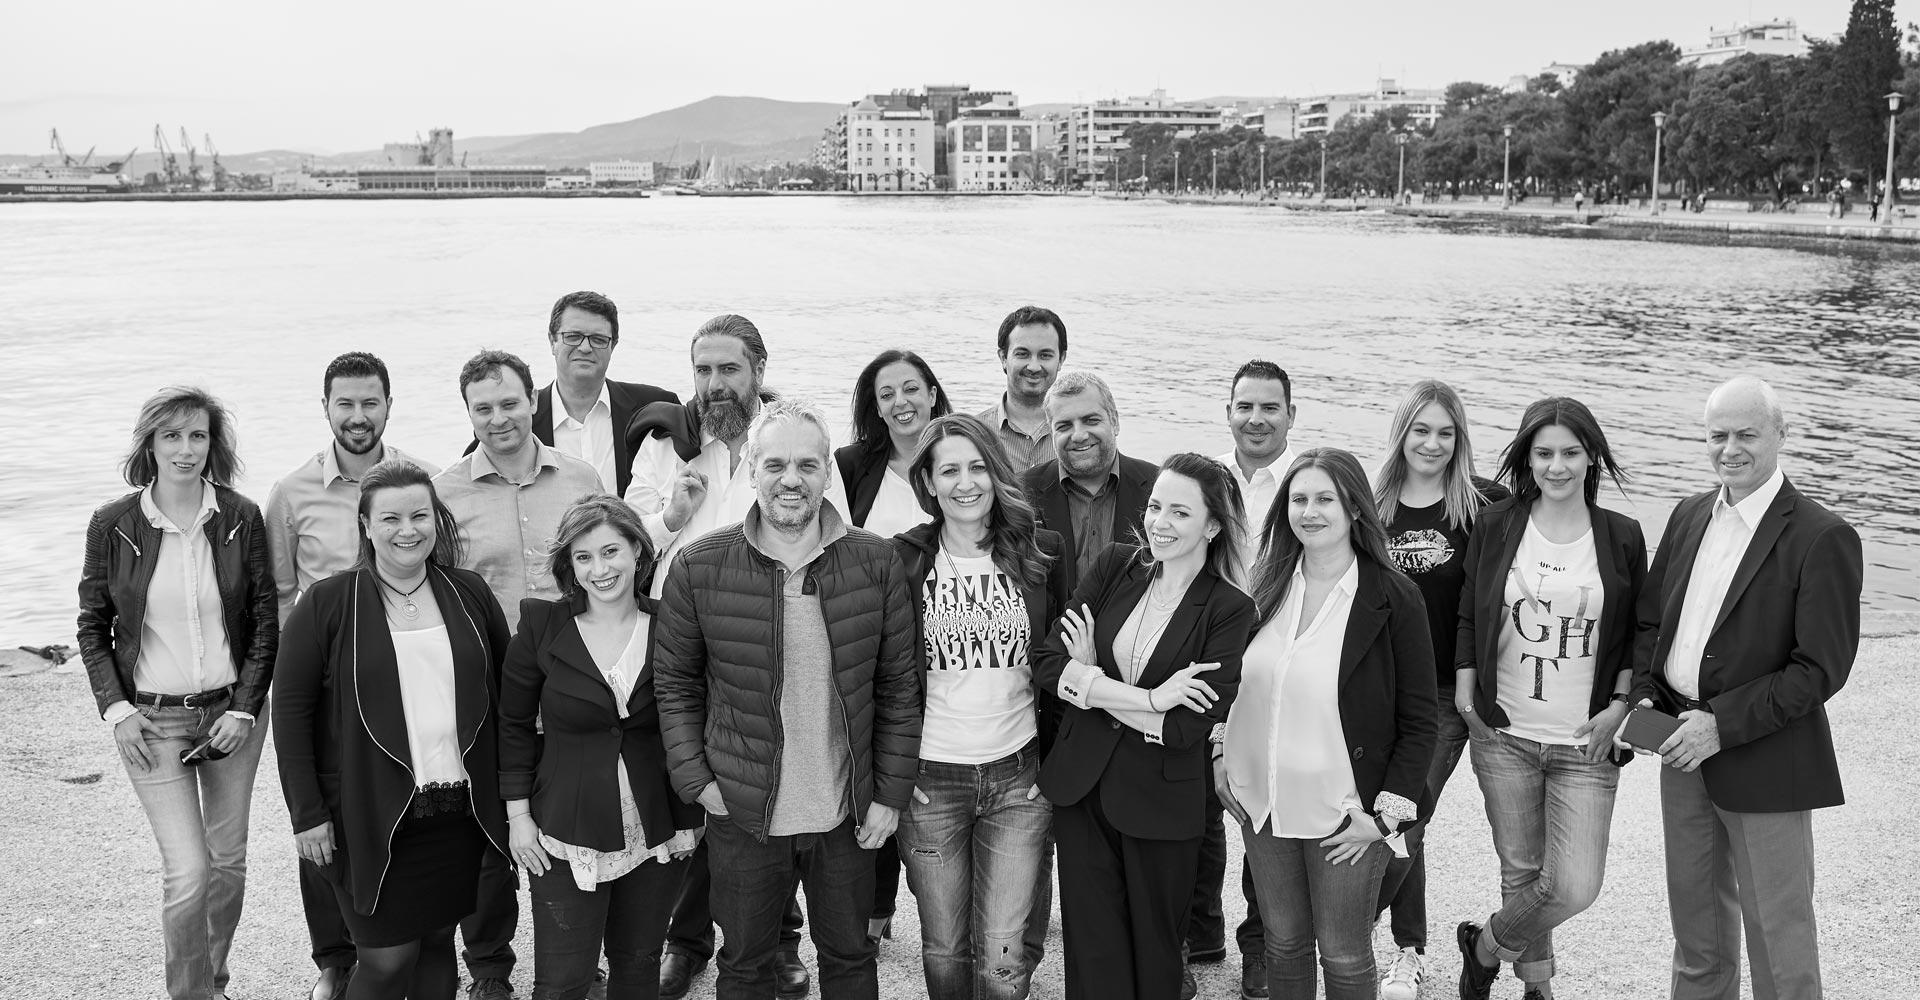 Κουκλουμπέρης και Συνεργάτες | Λογιστικές, Φοροτεχννίκές και Συμβουλευτικές Υπηρεσίες